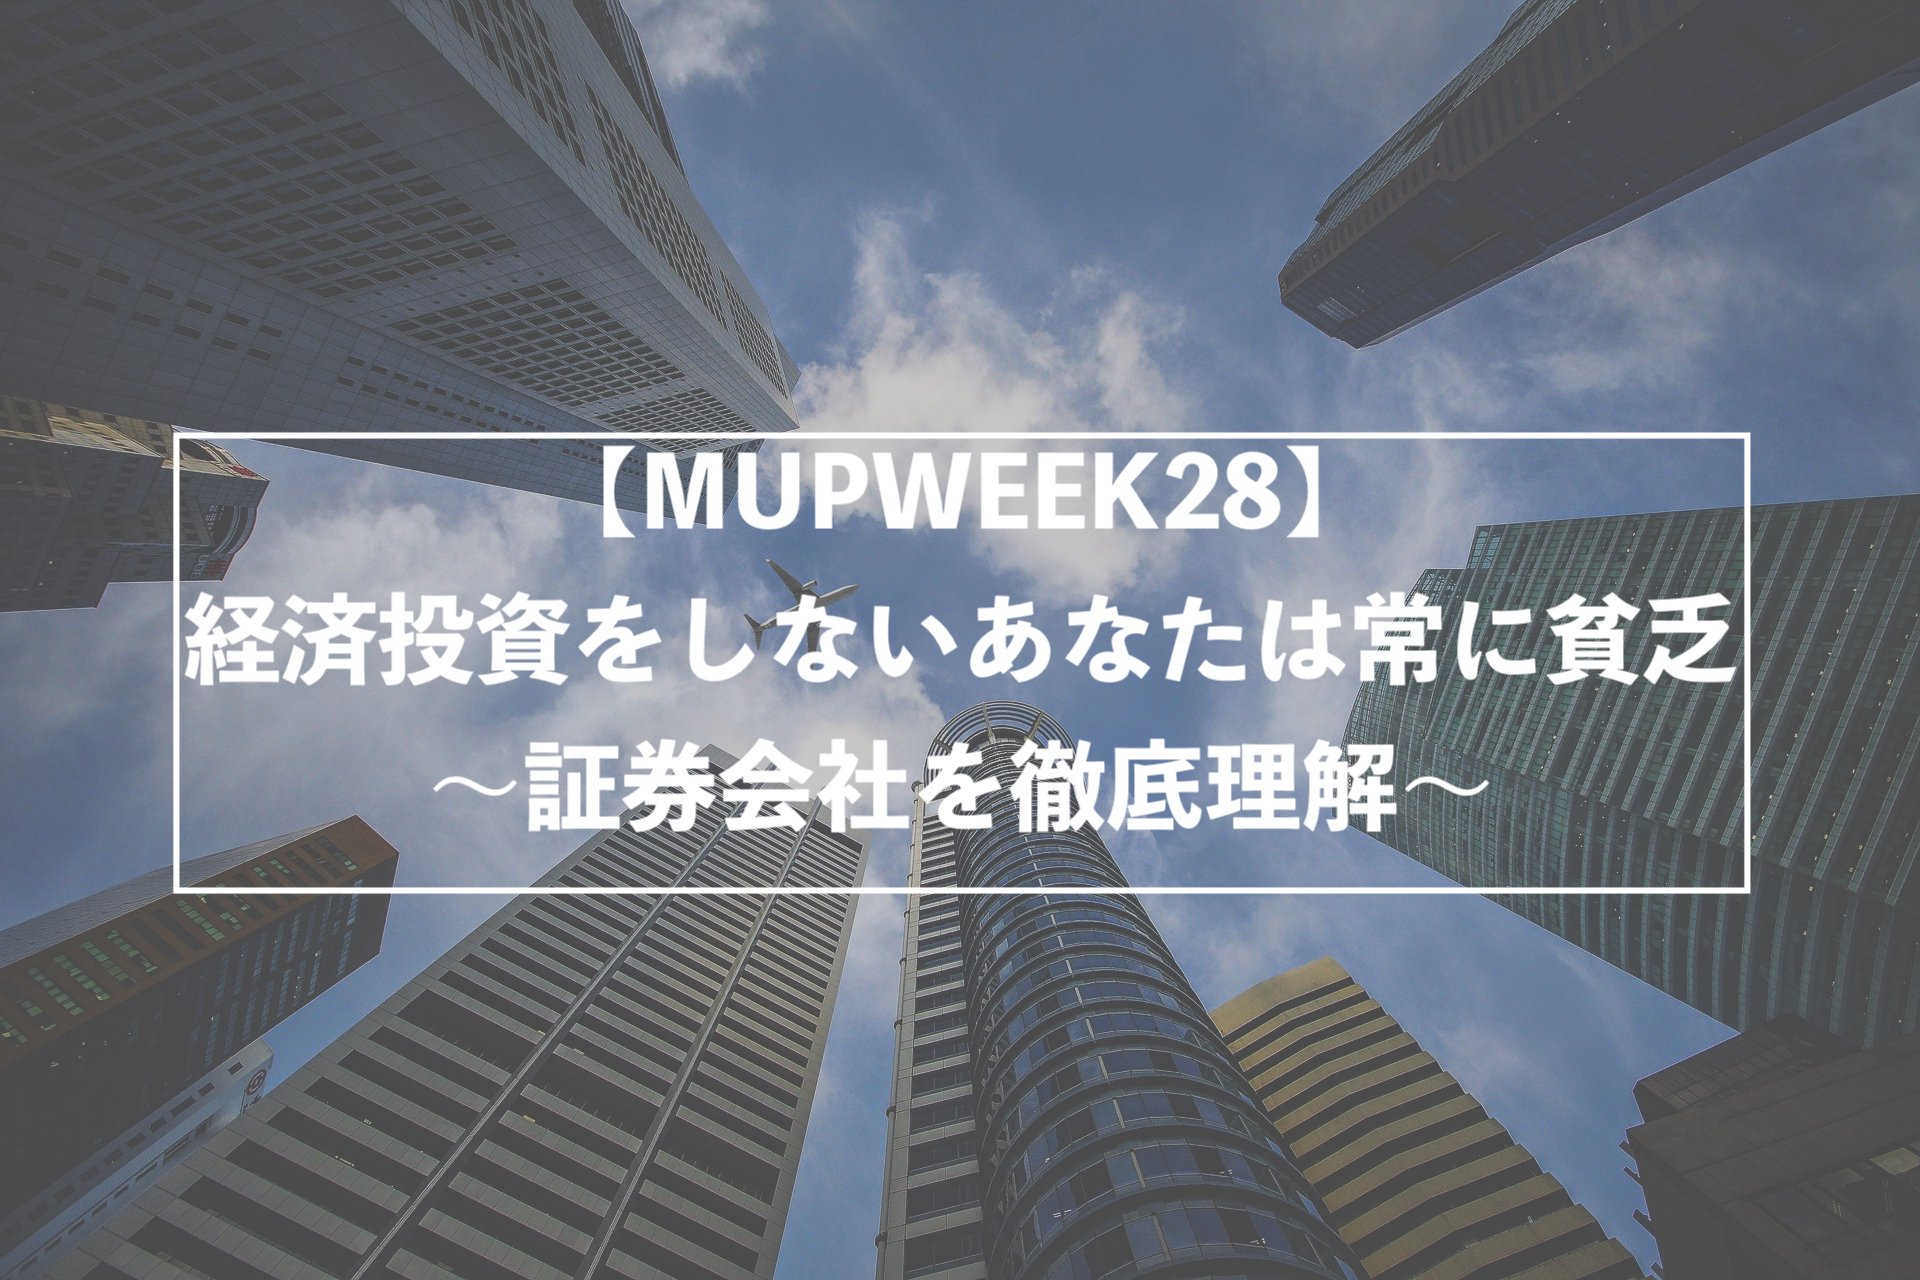 MUPWEEK28